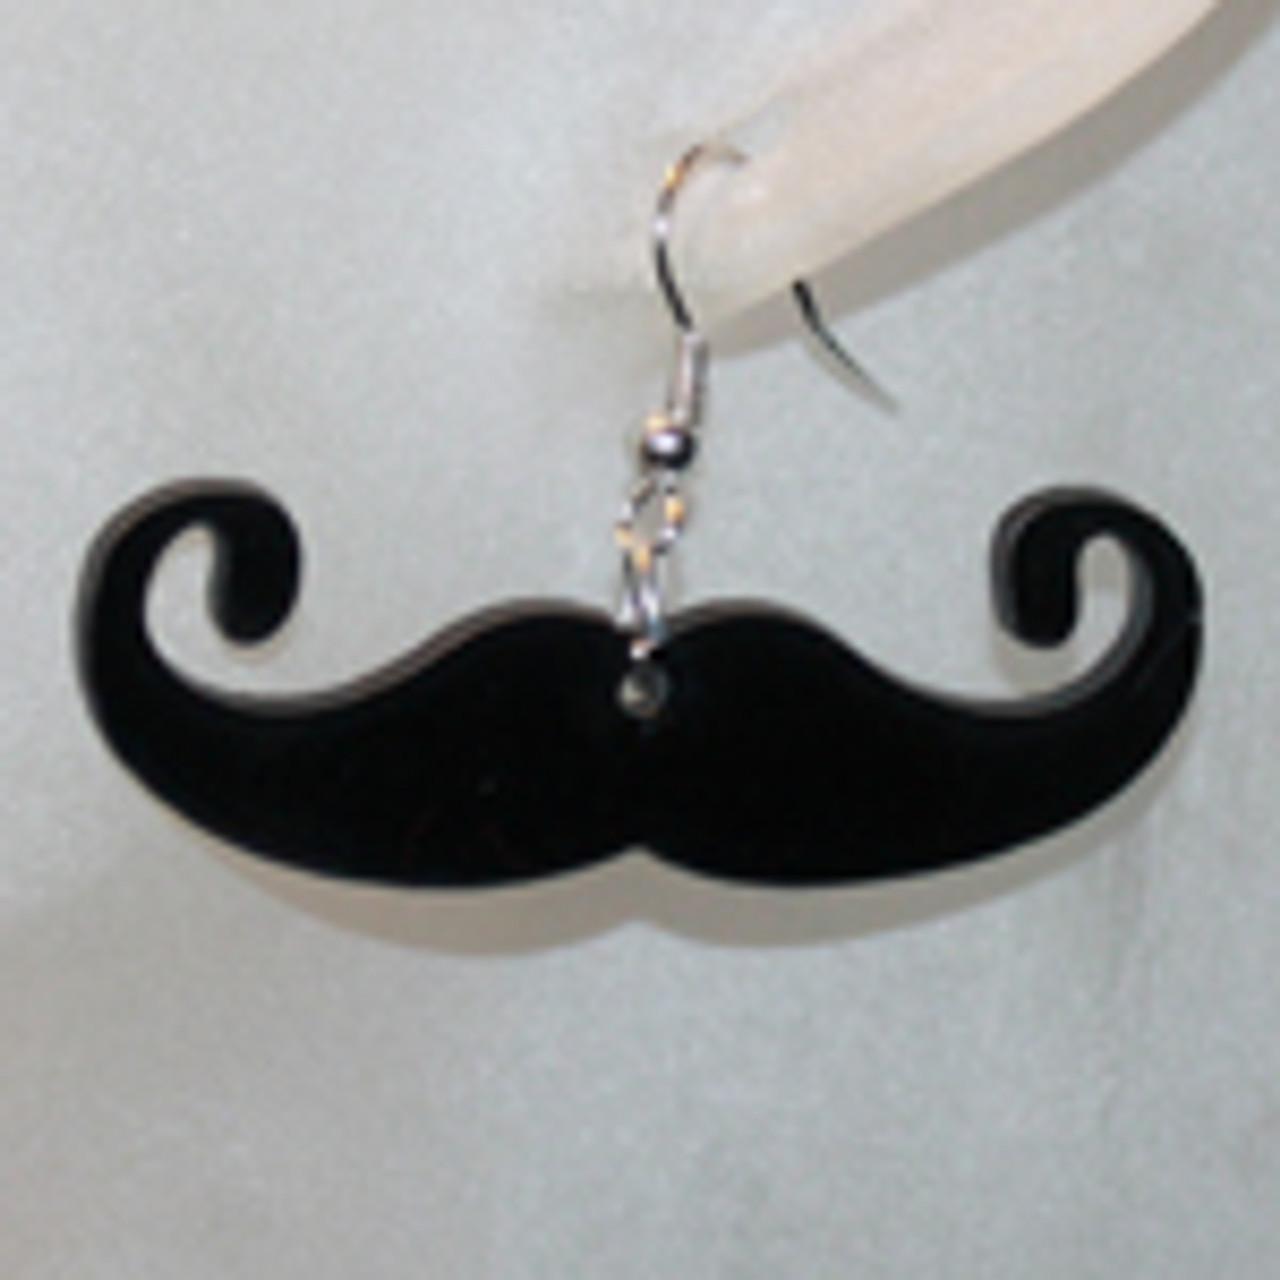 Cheap mustache earrings